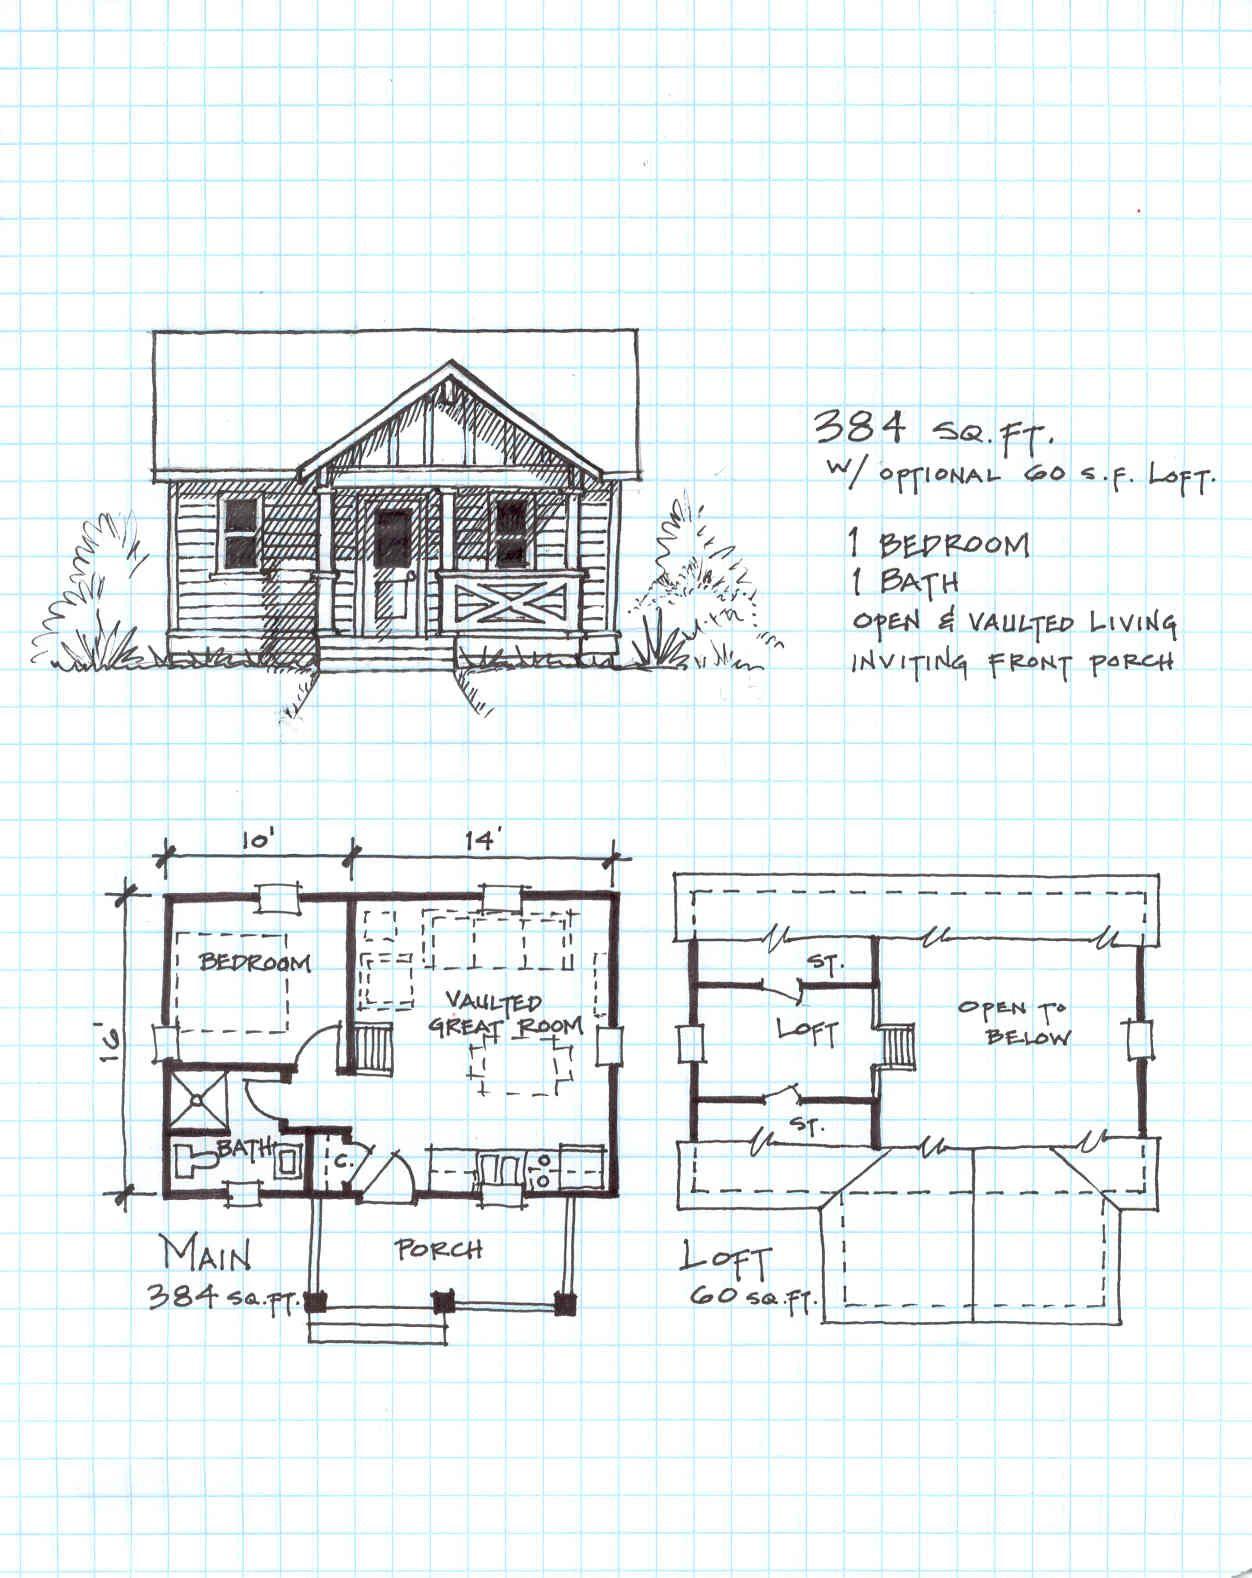 30 Small Cabin Plans For The Homestead Prepper Small Cabin